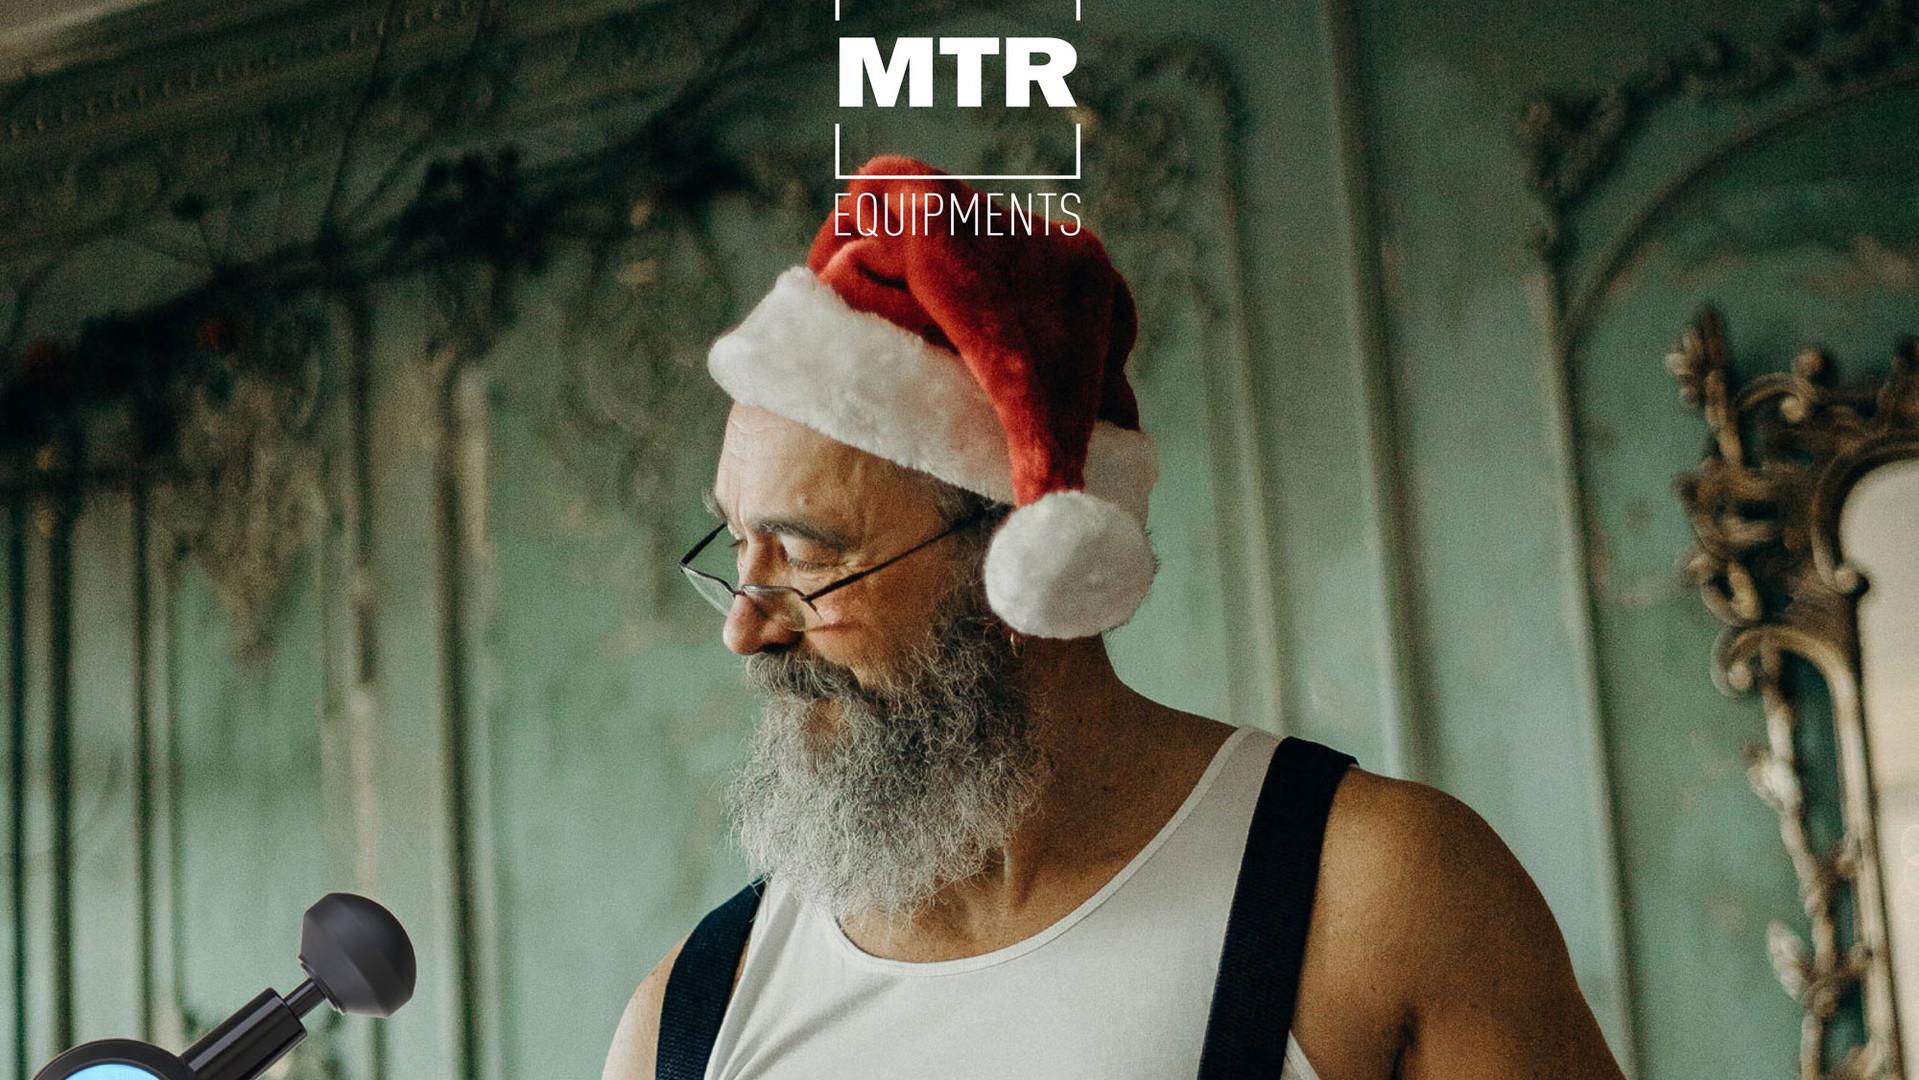 Grafik für MTR Equipments